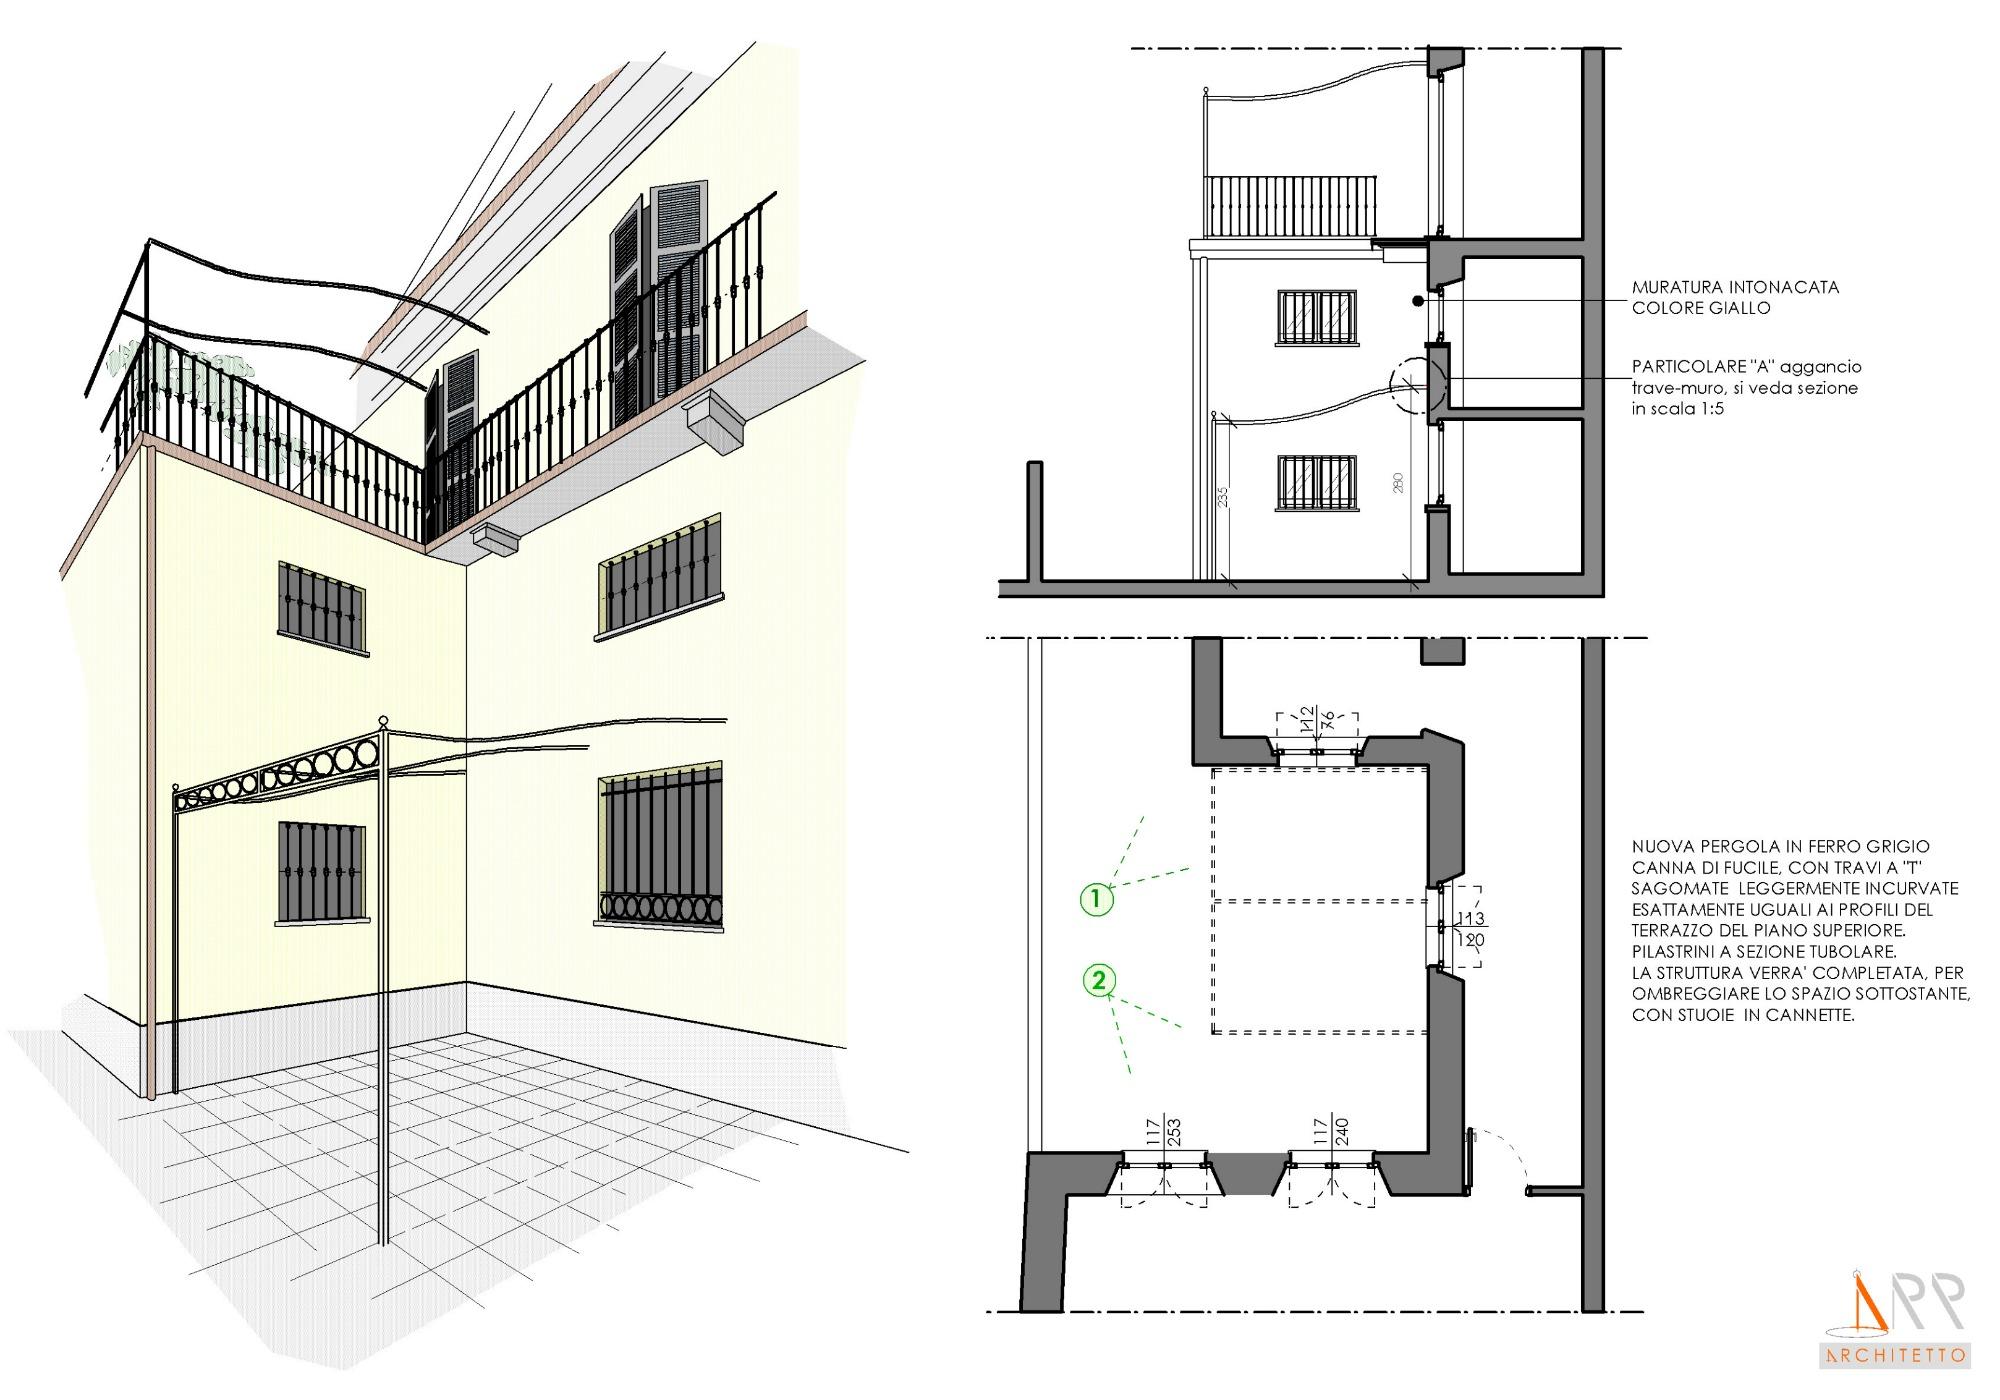 Modifiche esterne al prospetto sul giardino privato - Casa con giardino milano ...